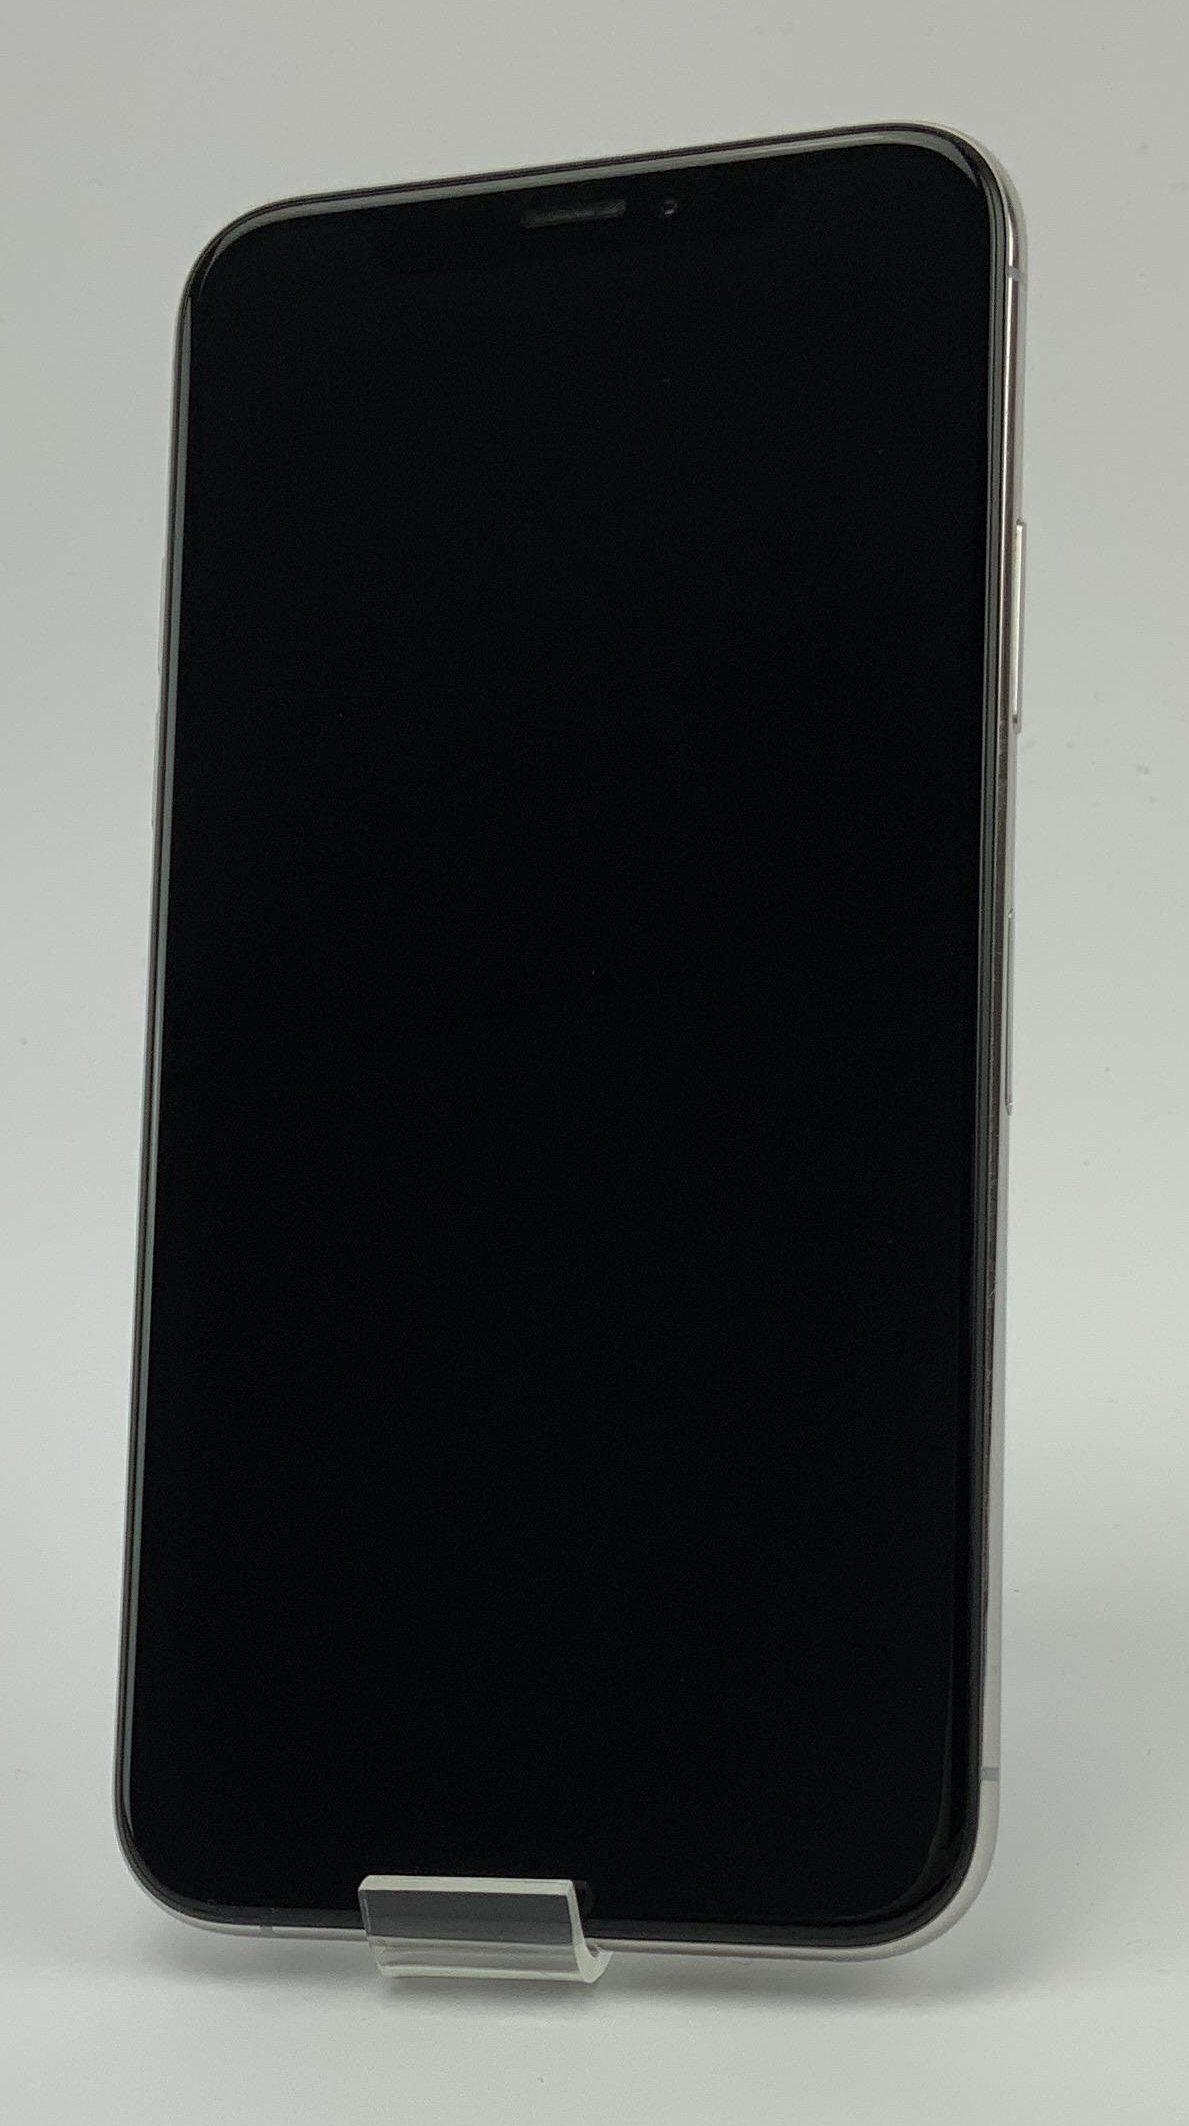 iPhone XS 64GB, 64GB, Silver, image 1